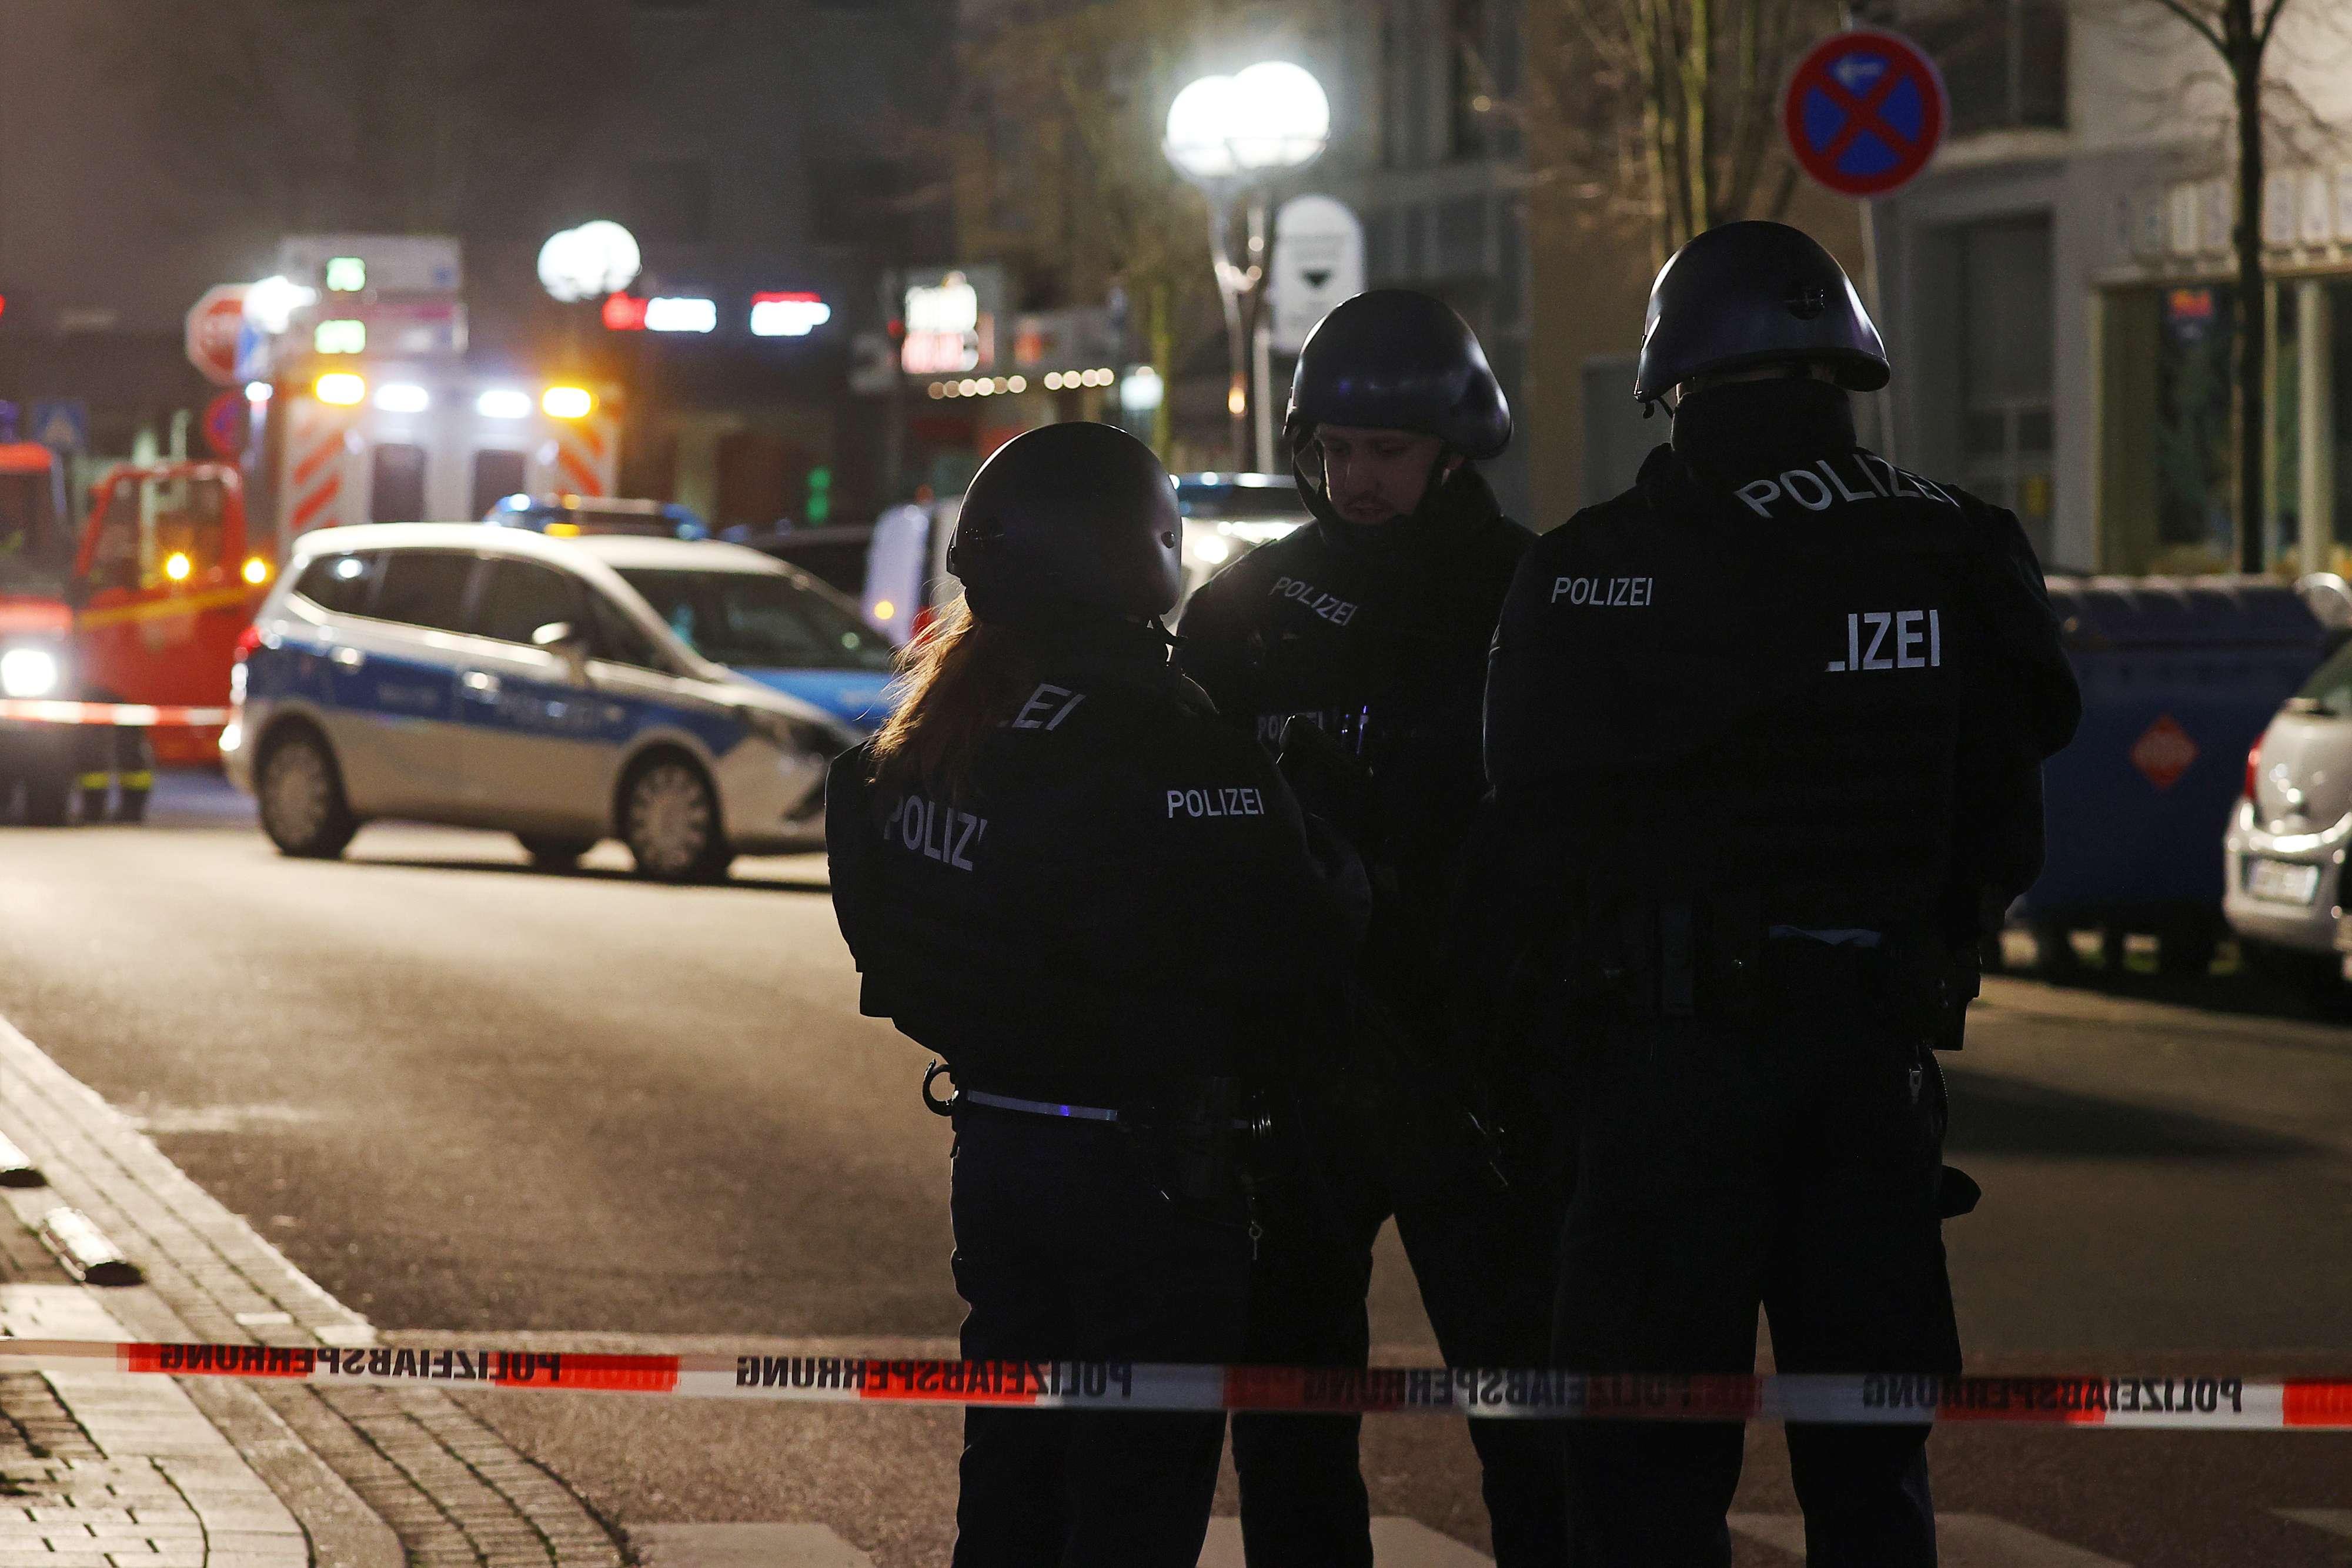 20200219225743reup--2020-02-19t225626z_1761178874_rc2y3f9whc6n_rtrmadp_3_germany-crime.h